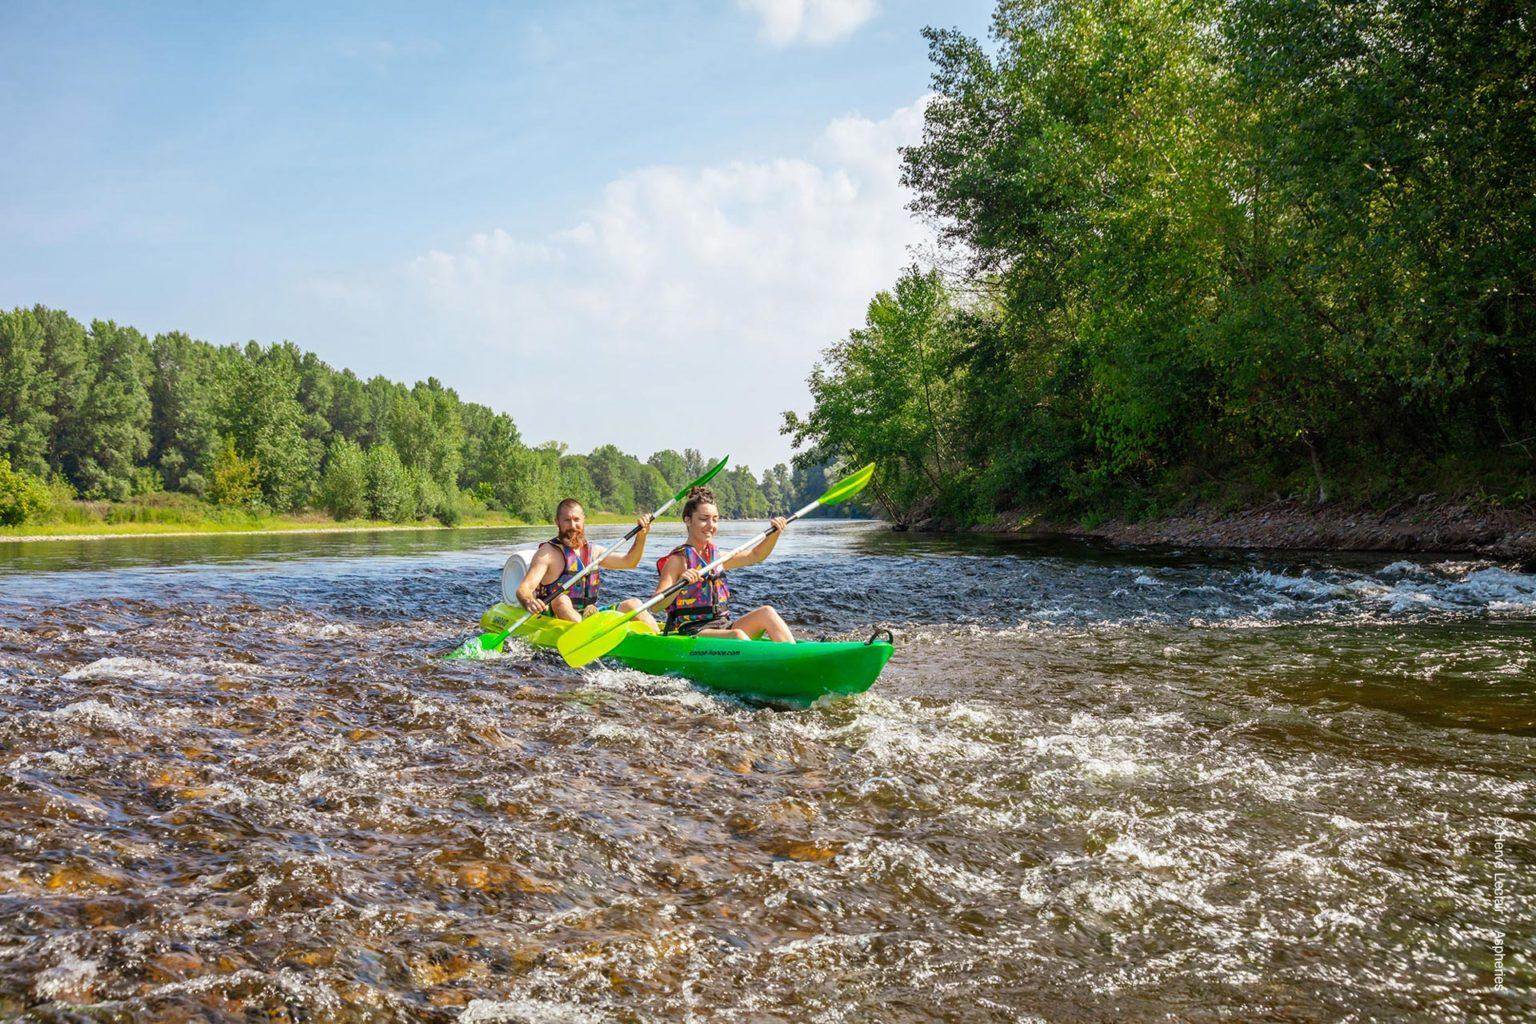 Safaraid loueur de canoes kayaks sur la Dordogne